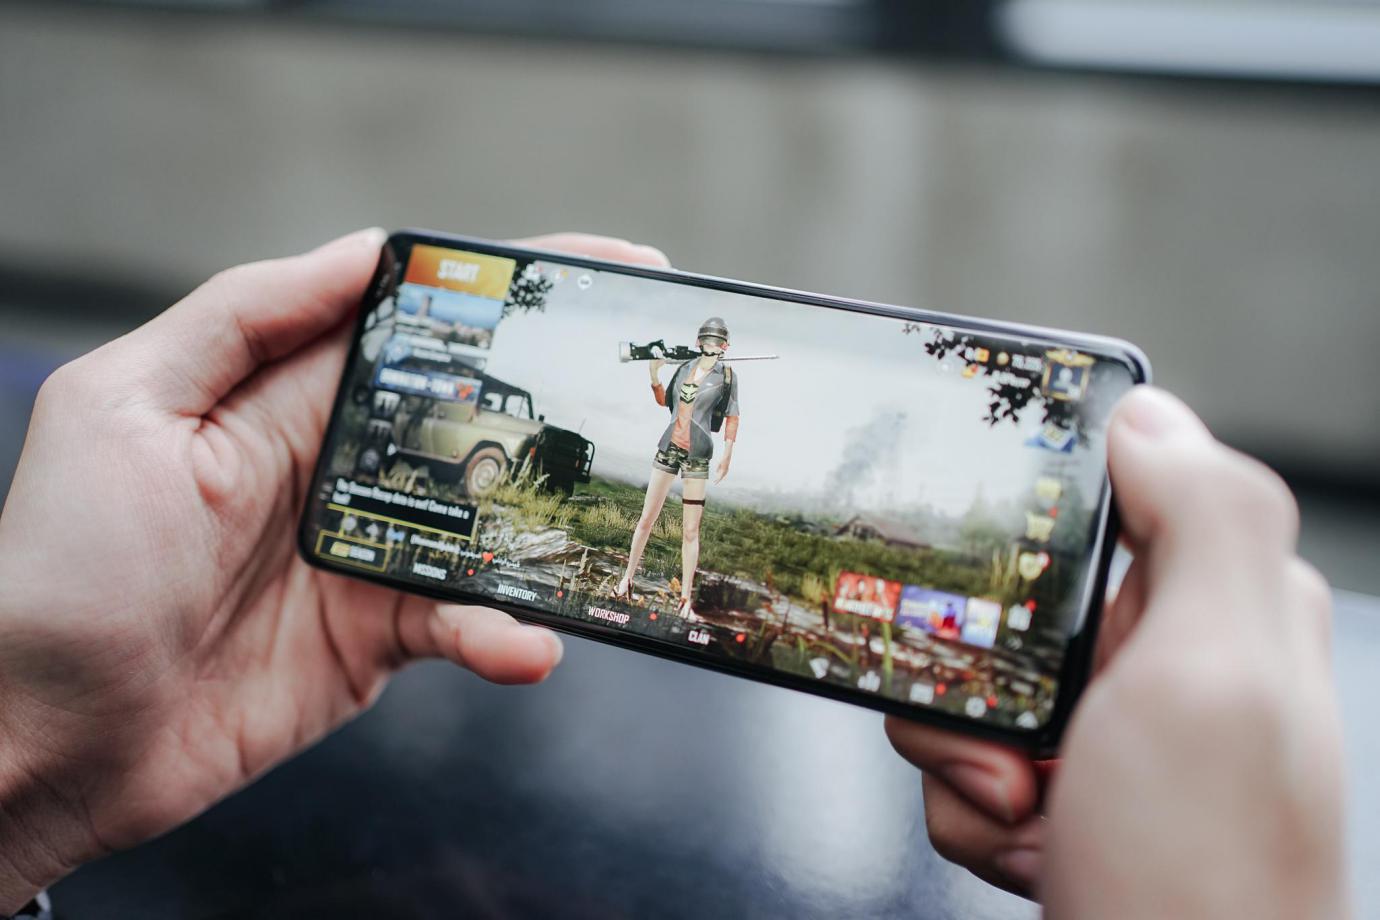 Đã 2020 nhưng những tiêu chí cốt lõi tìm mua smartphone vẫn như 10 năm trước - Ảnh 4.